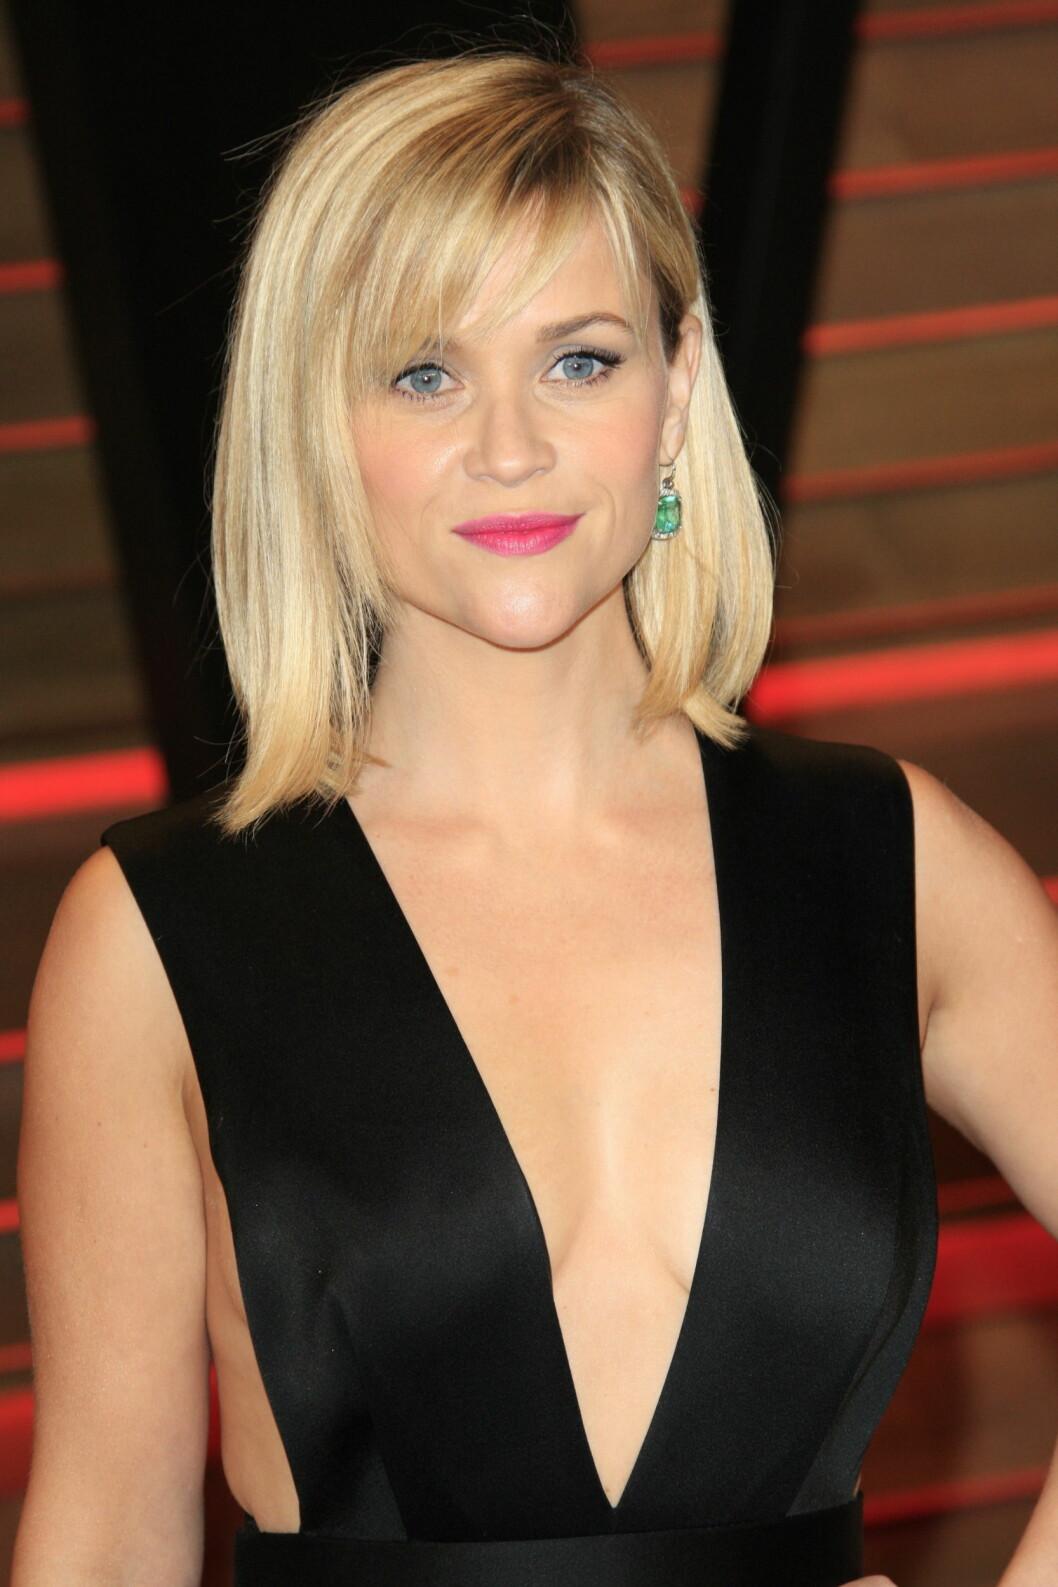 HJERTEFORMET FJES: Reese Witherspoon Foto: Splash News/ All Over Press